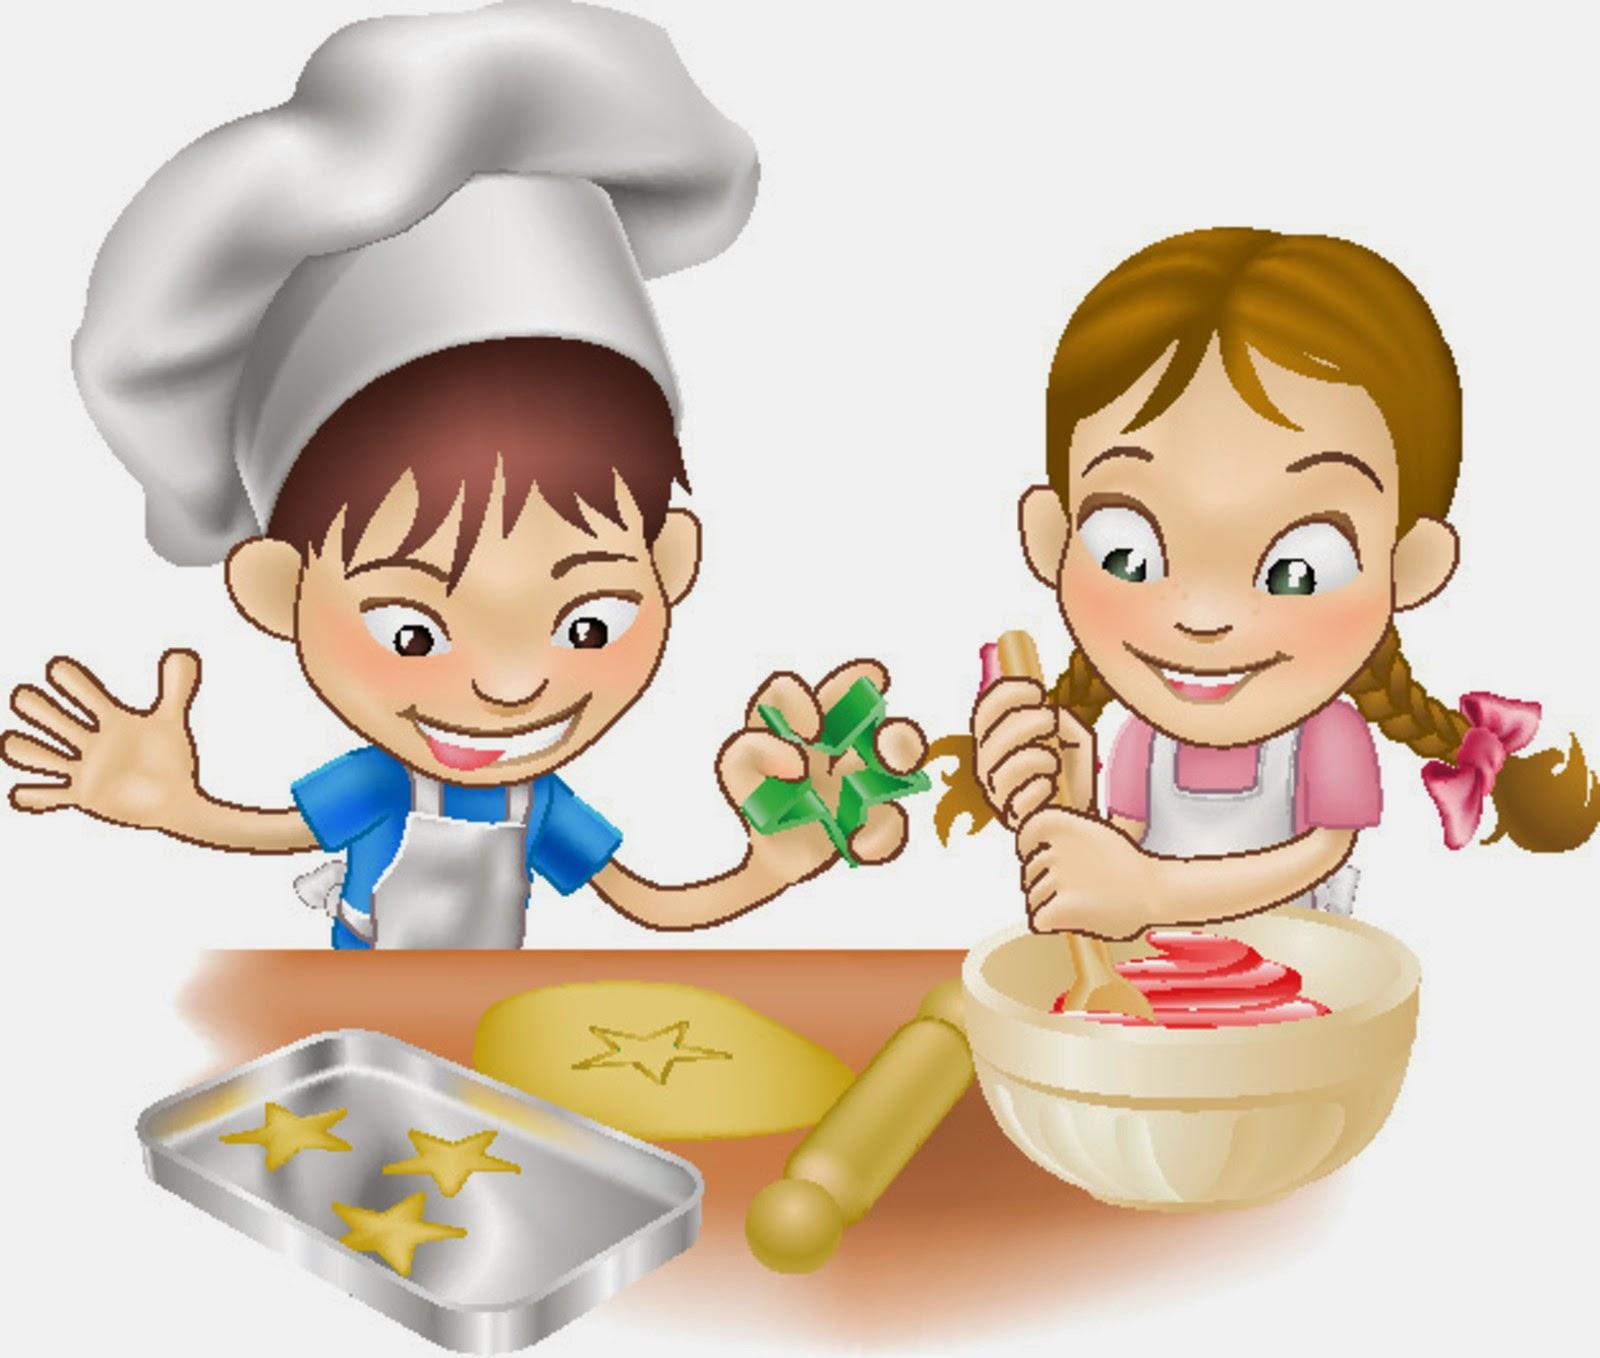 Meskipun Ibu Hanya Memiliki Dua Anak Perempuan Tetapi Sejak Dulu Kami Aku Dan Mbak Is Tidak Pernah Dilibatkan Dengan Urusan Dapur